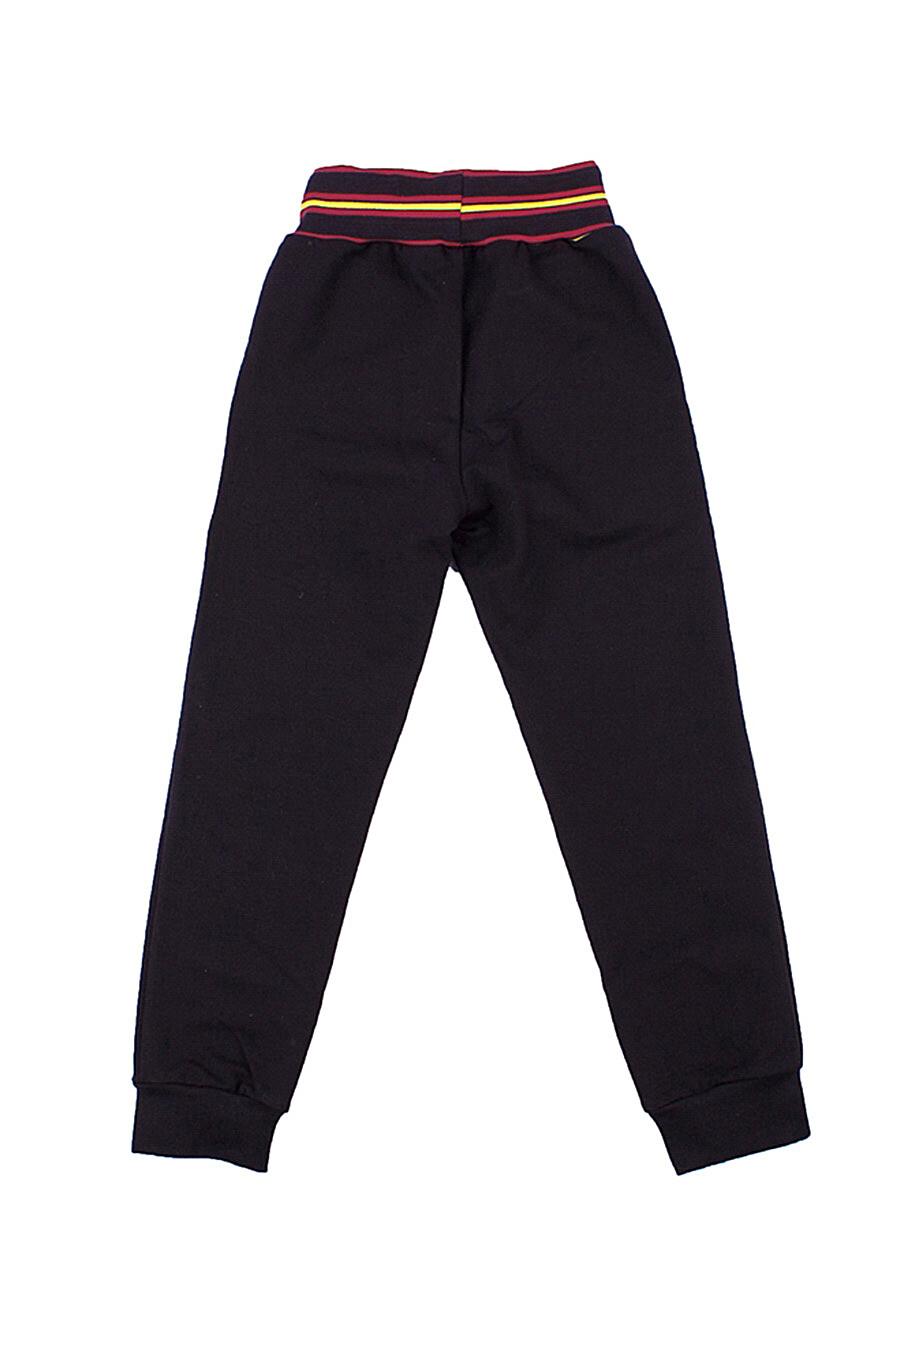 Брюки для девочек Archi 130765 купить оптом от производителя. Совместная покупка детской одежды в OptMoyo